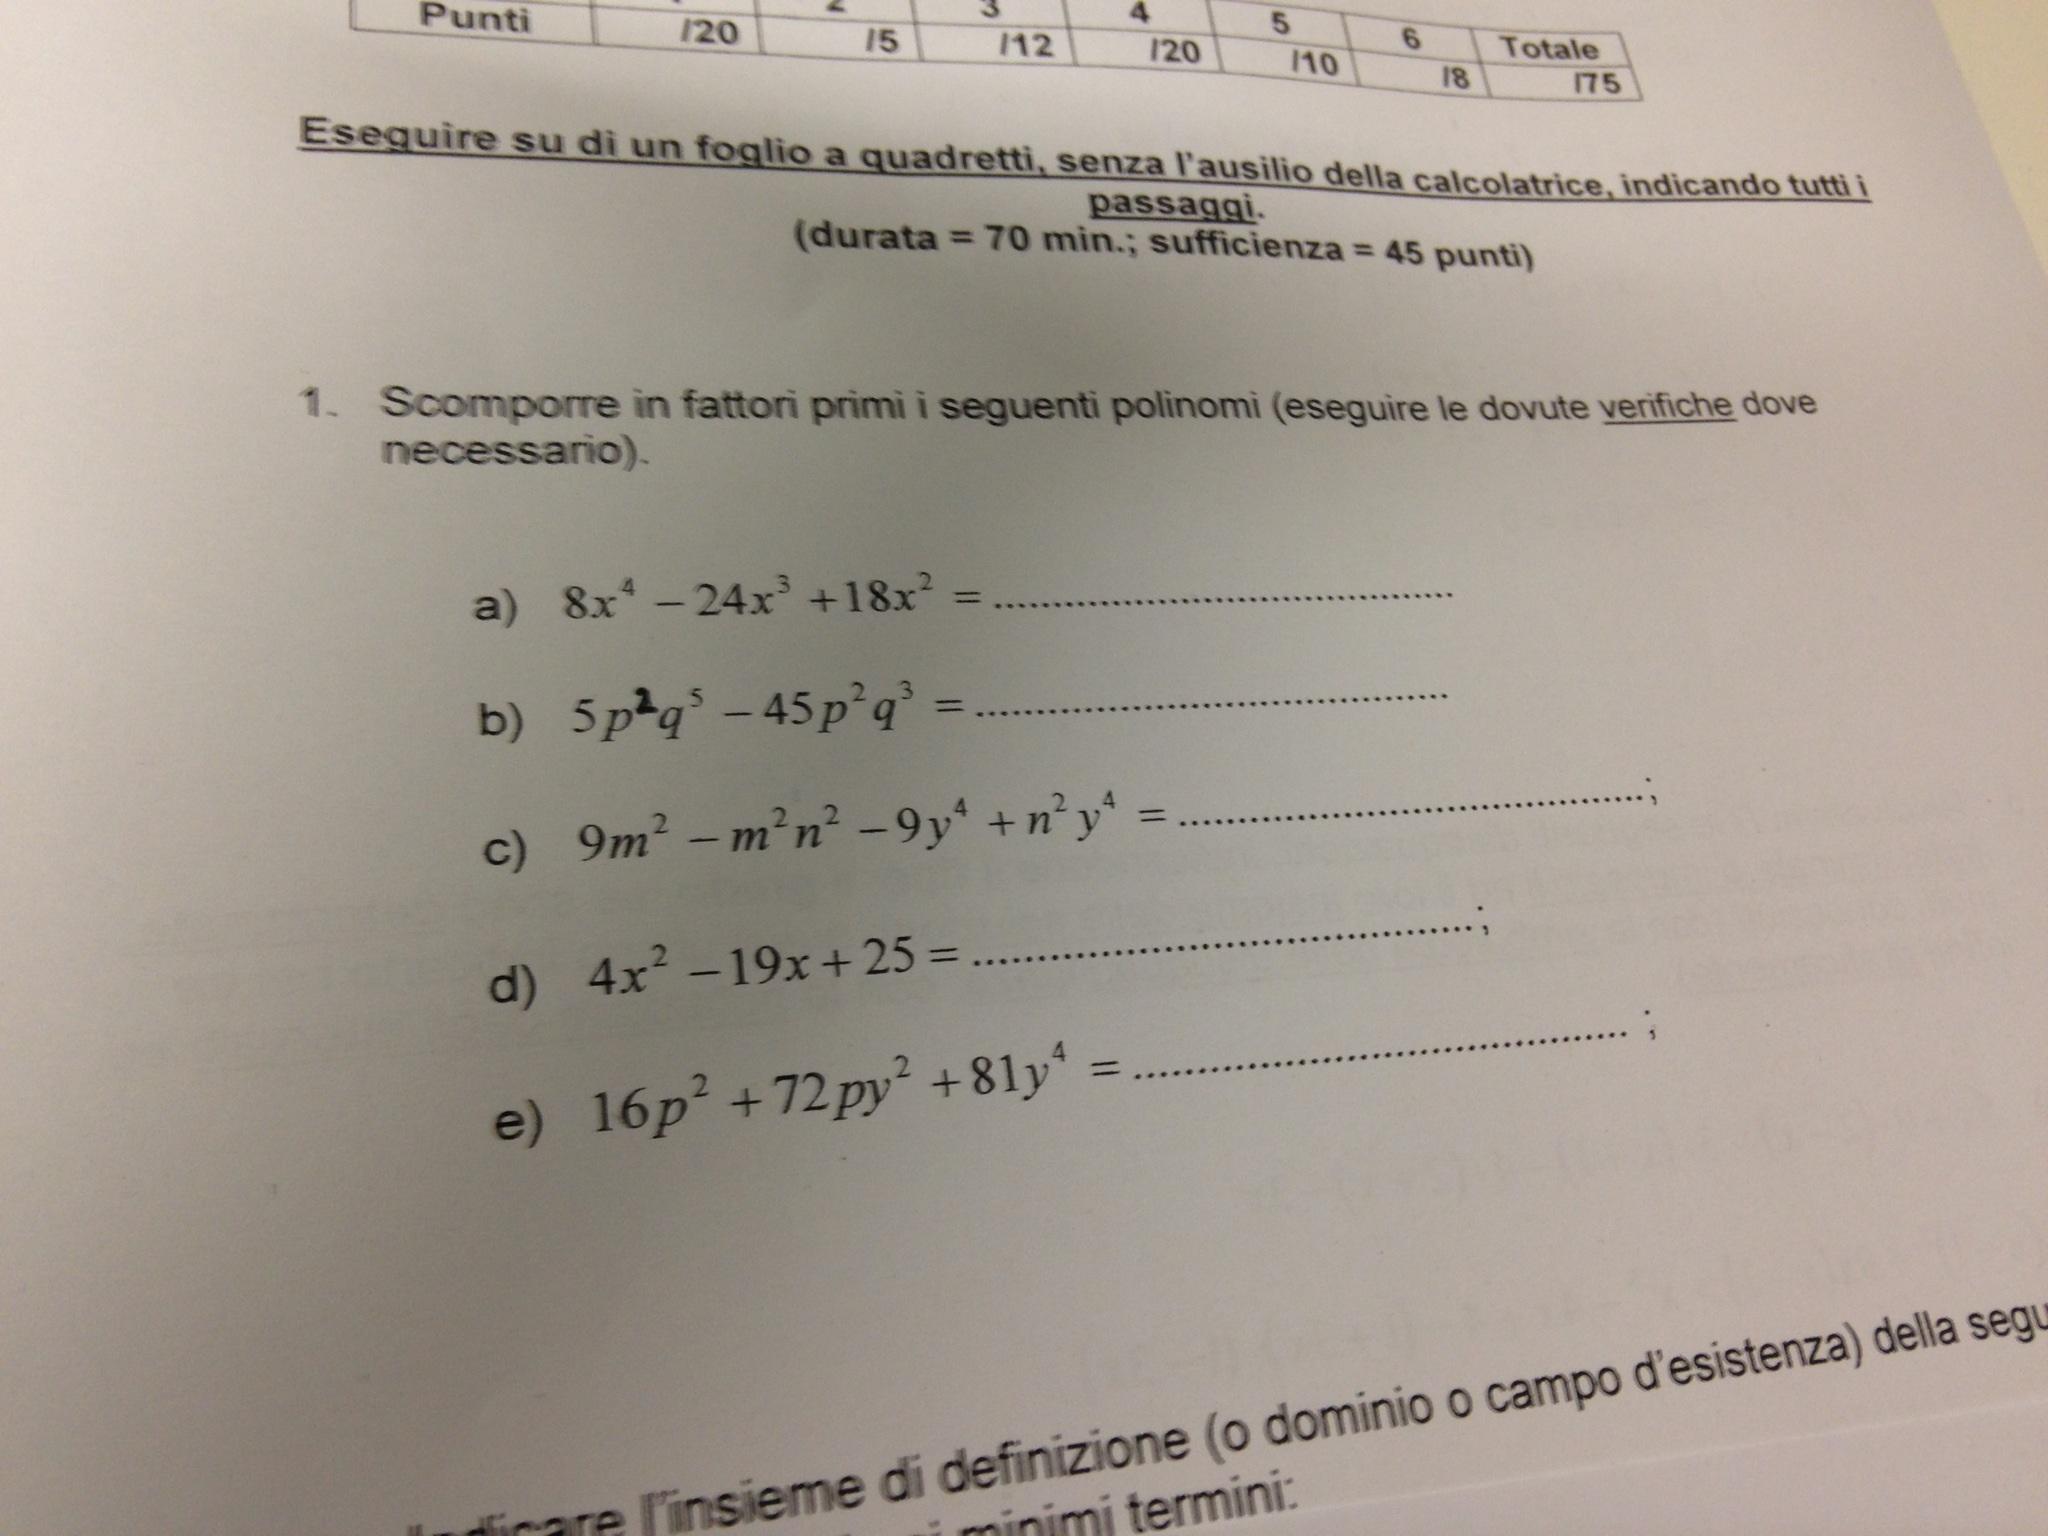 Vittorio Scrive Esercizi Sulla Scomposizione Matebook